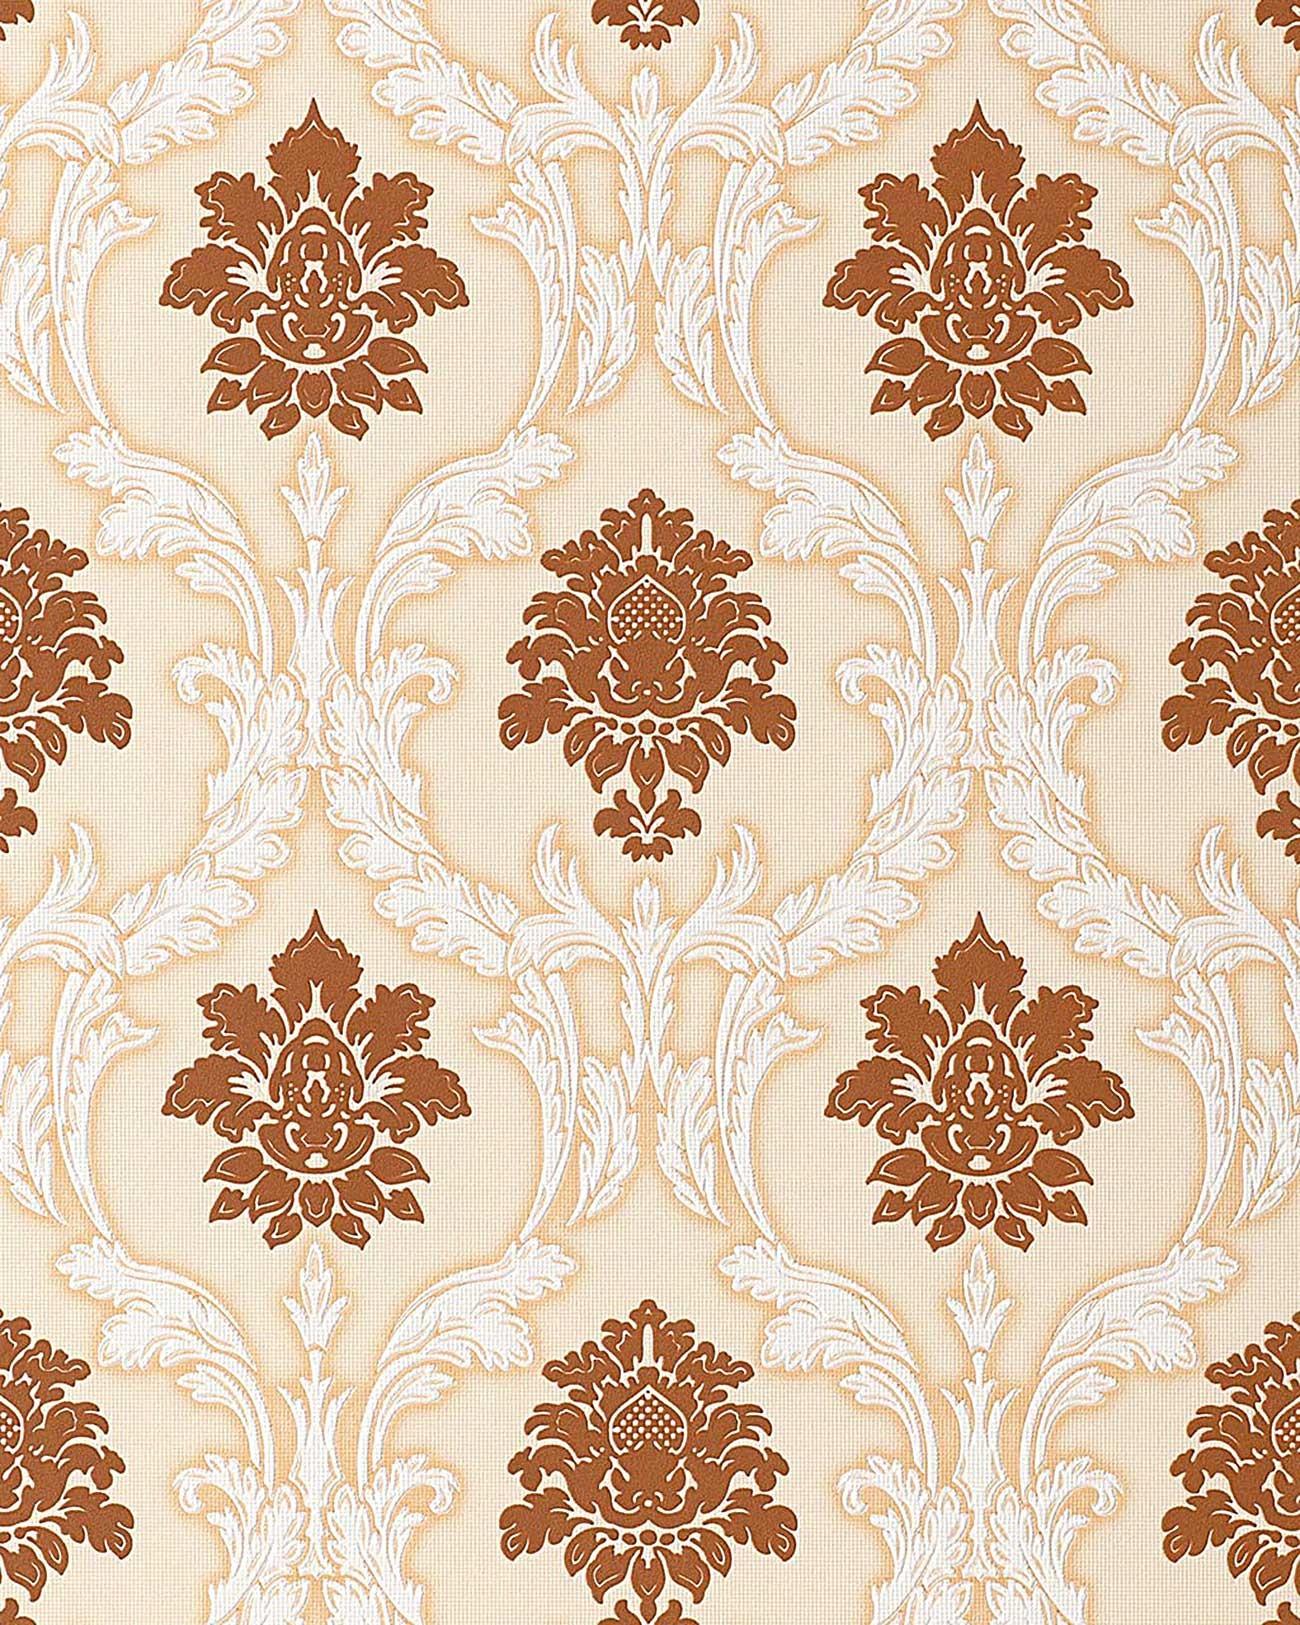 Papel pintado dise o barroco damasco edem 052 21 ornamentos relieve flock marr n gamuza blanco - Papel pintado barroco ...